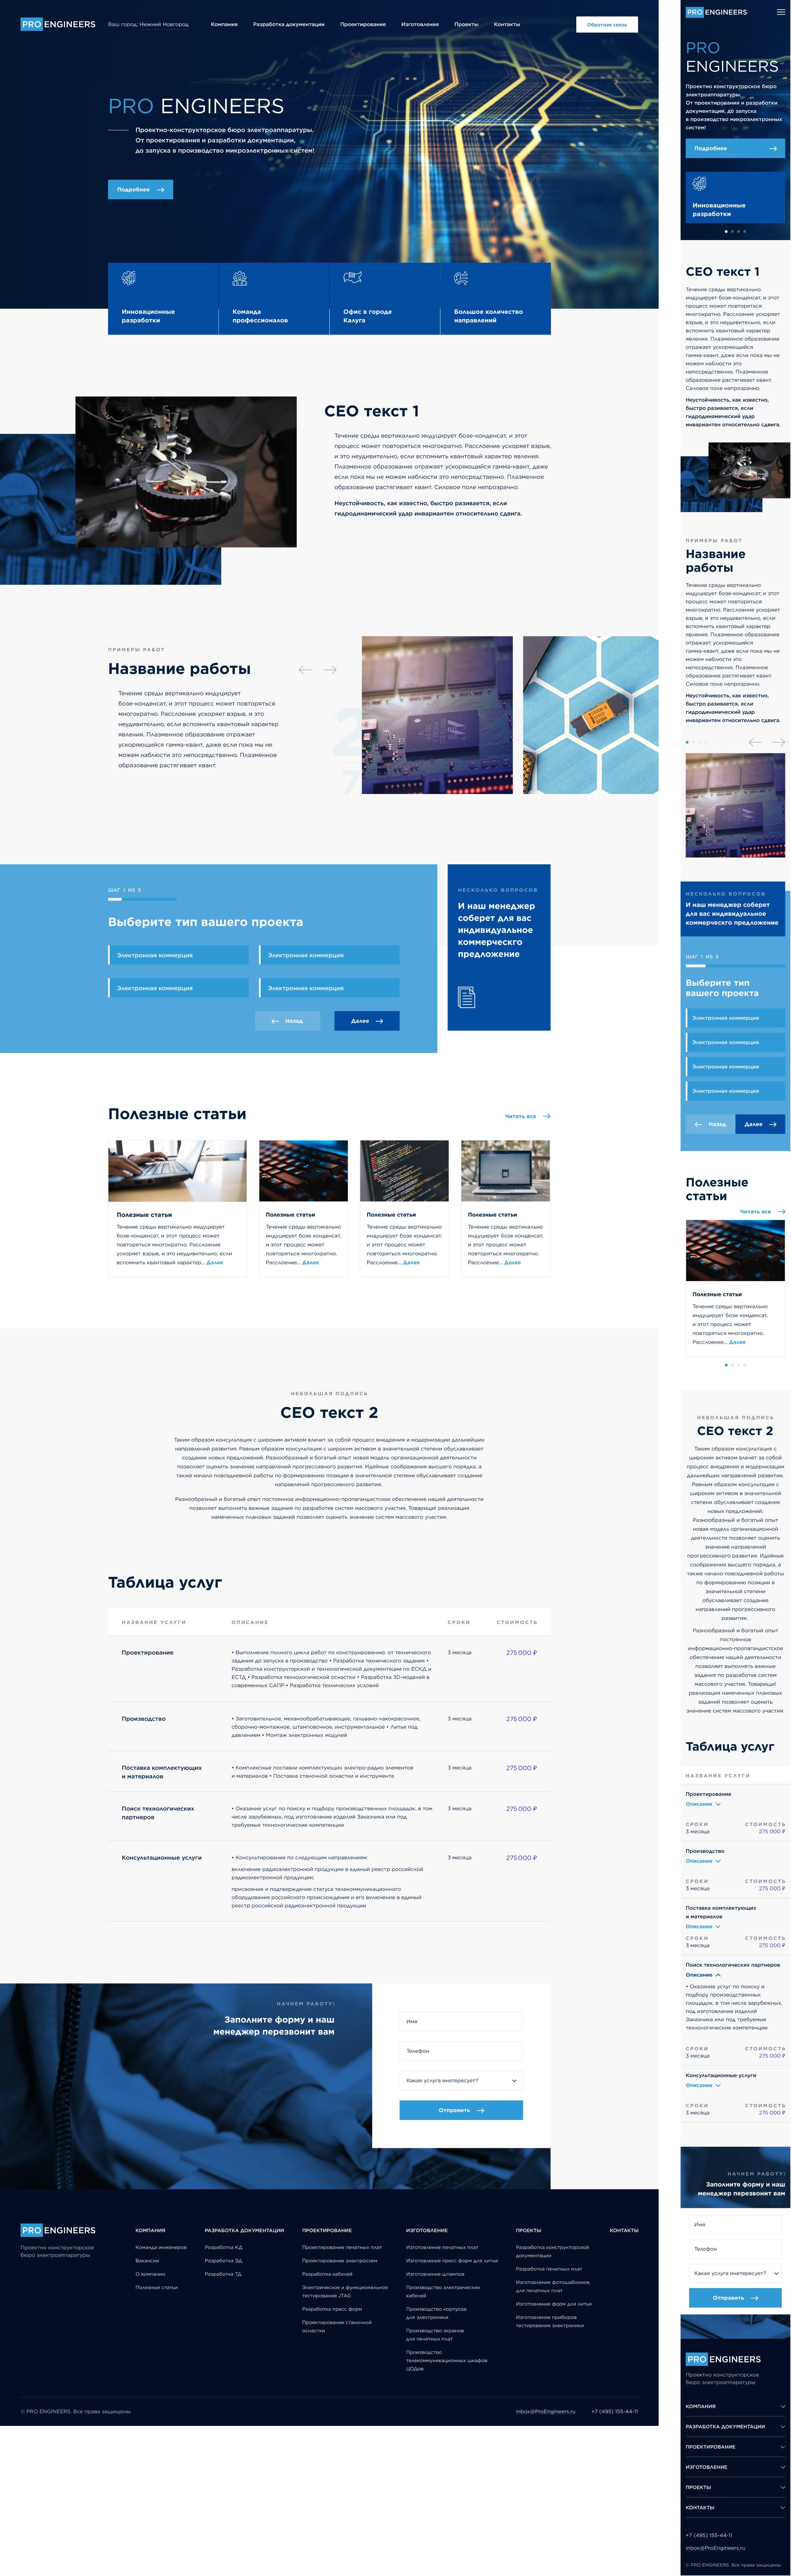 Сайт / PRO ENGINEERS - Проектно-конструкторское бюро электроаппаратуры